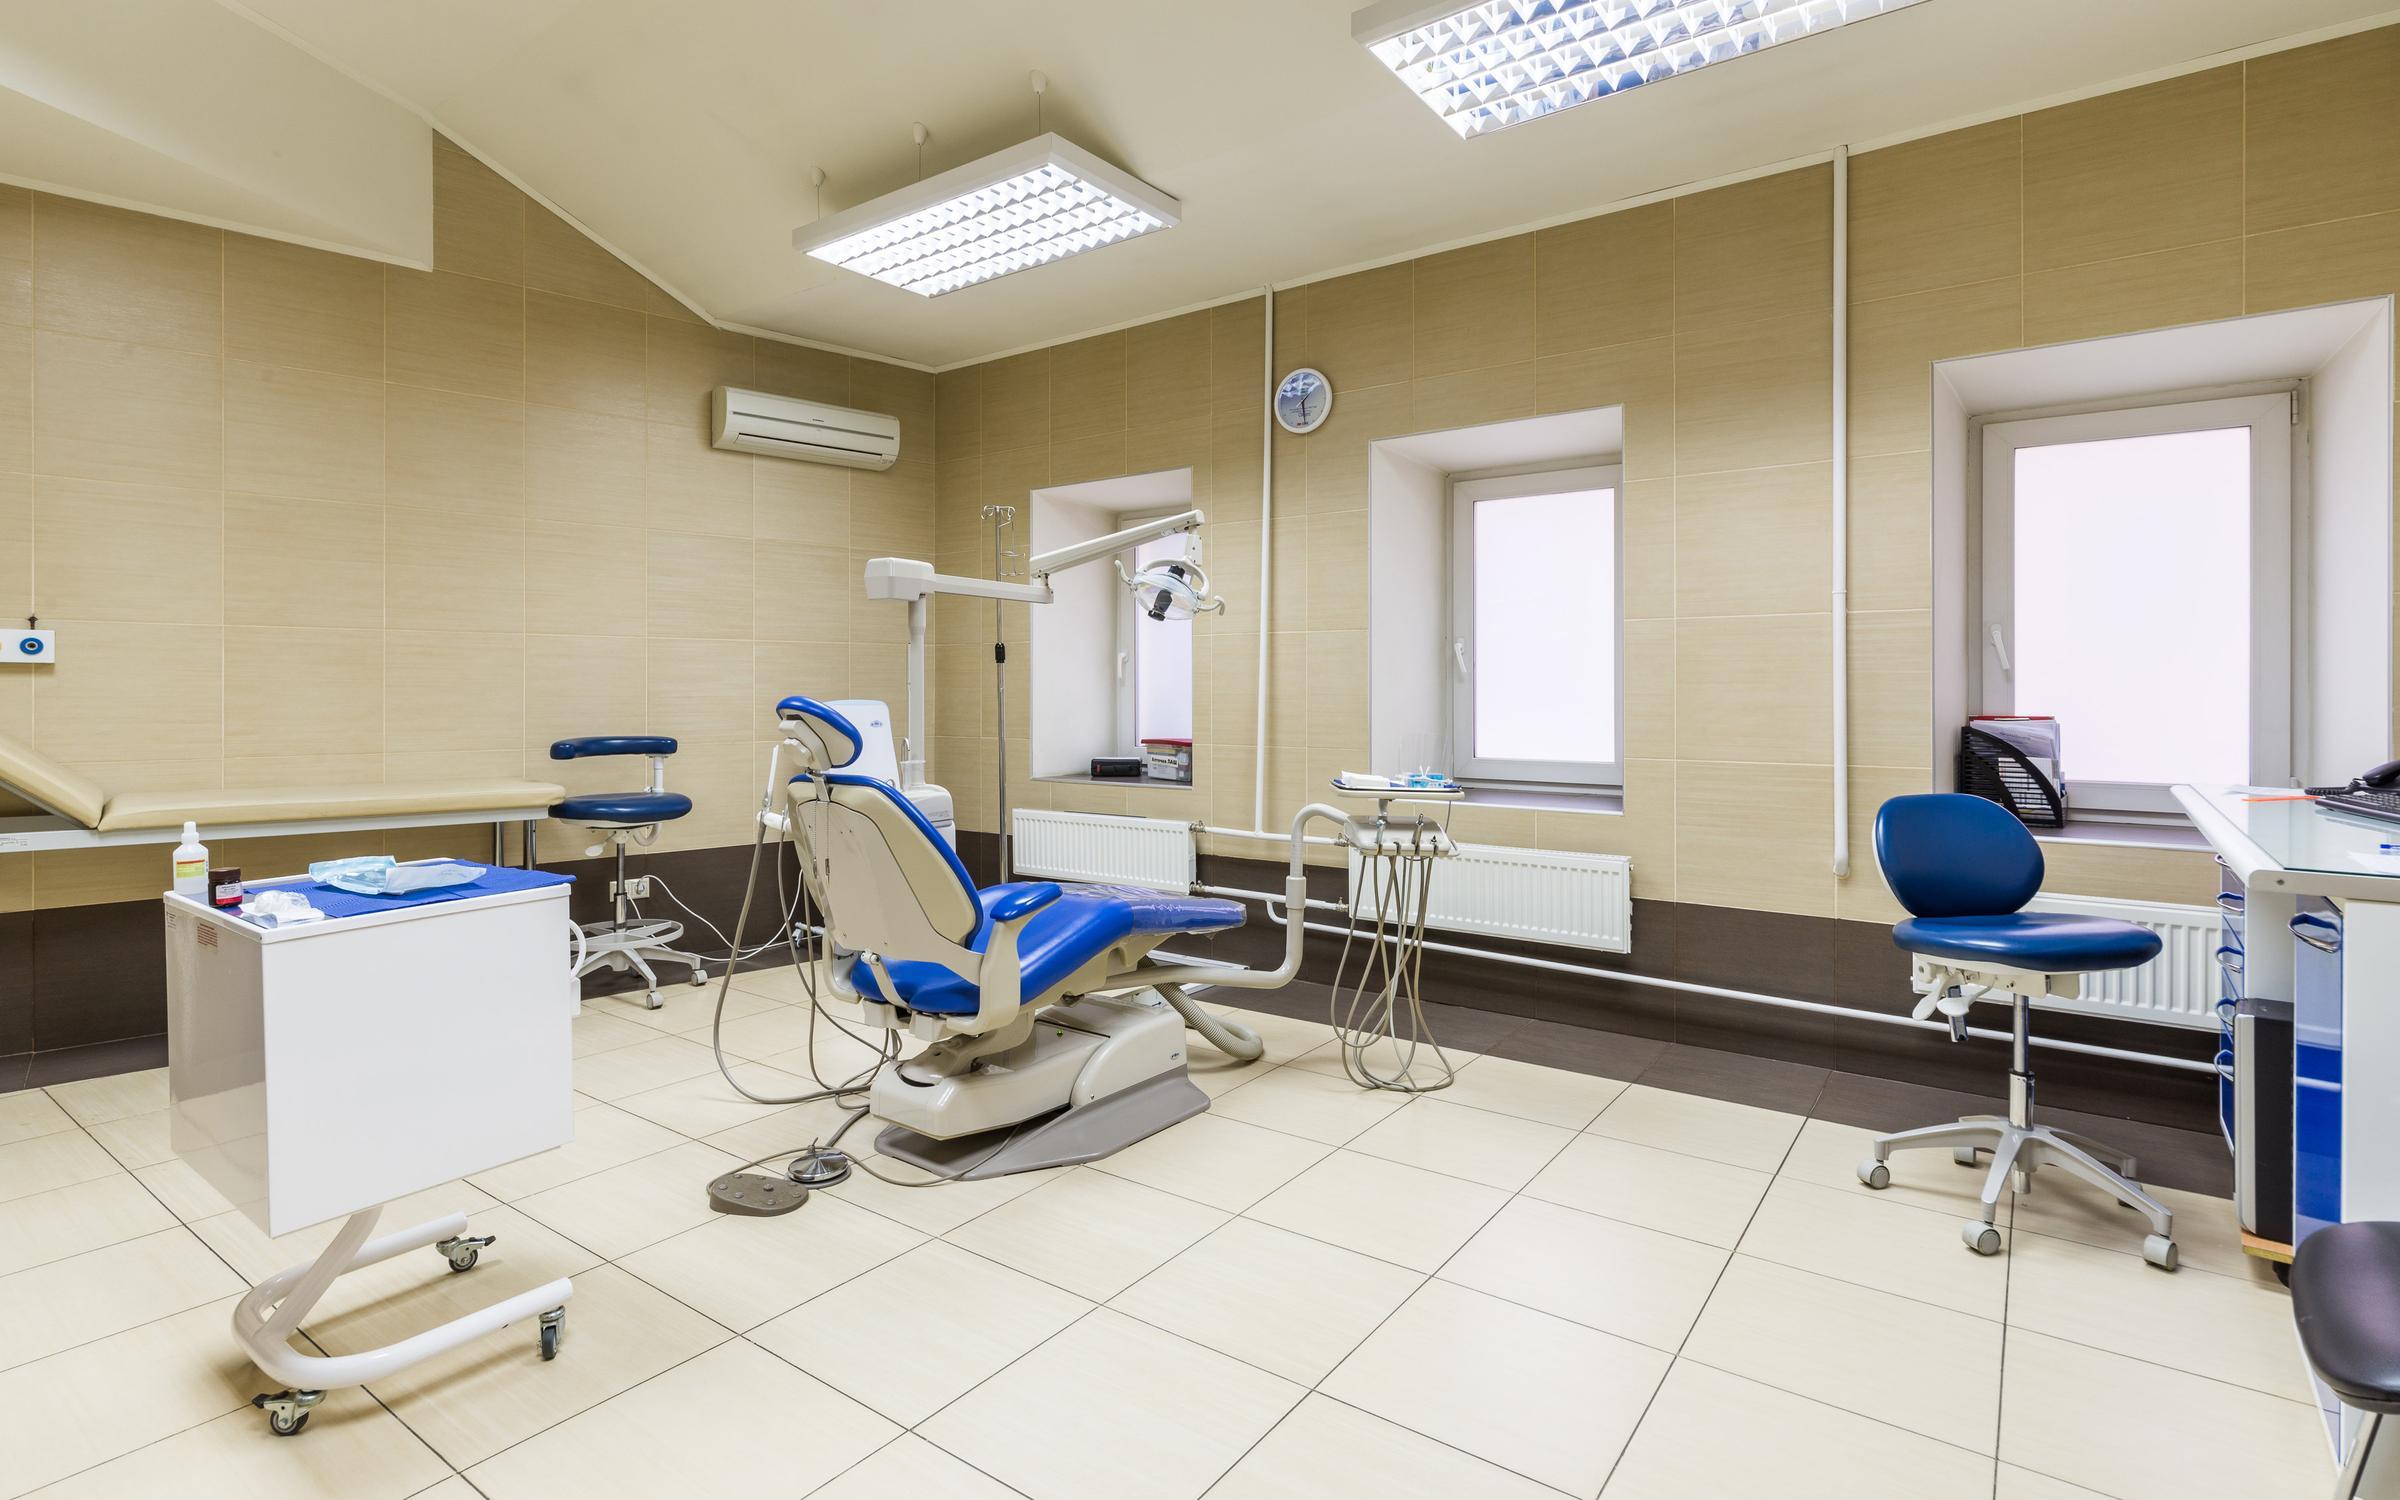 Расписание приема врачей в поликлинике боткина